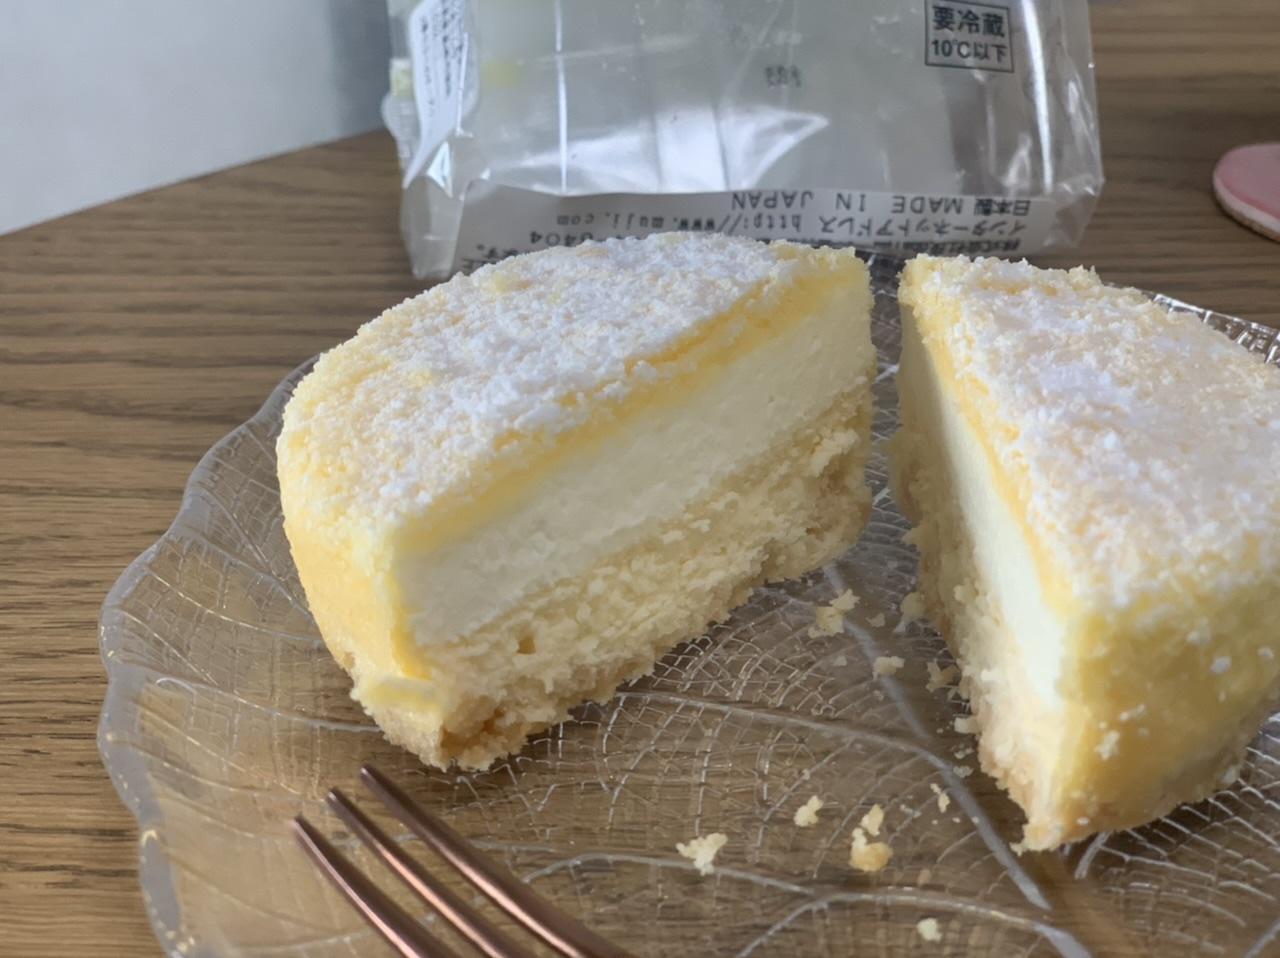 【無印スイーツ】350円は衝撃!2層仕立てのチーズケーキが本格派すぎる♡_5